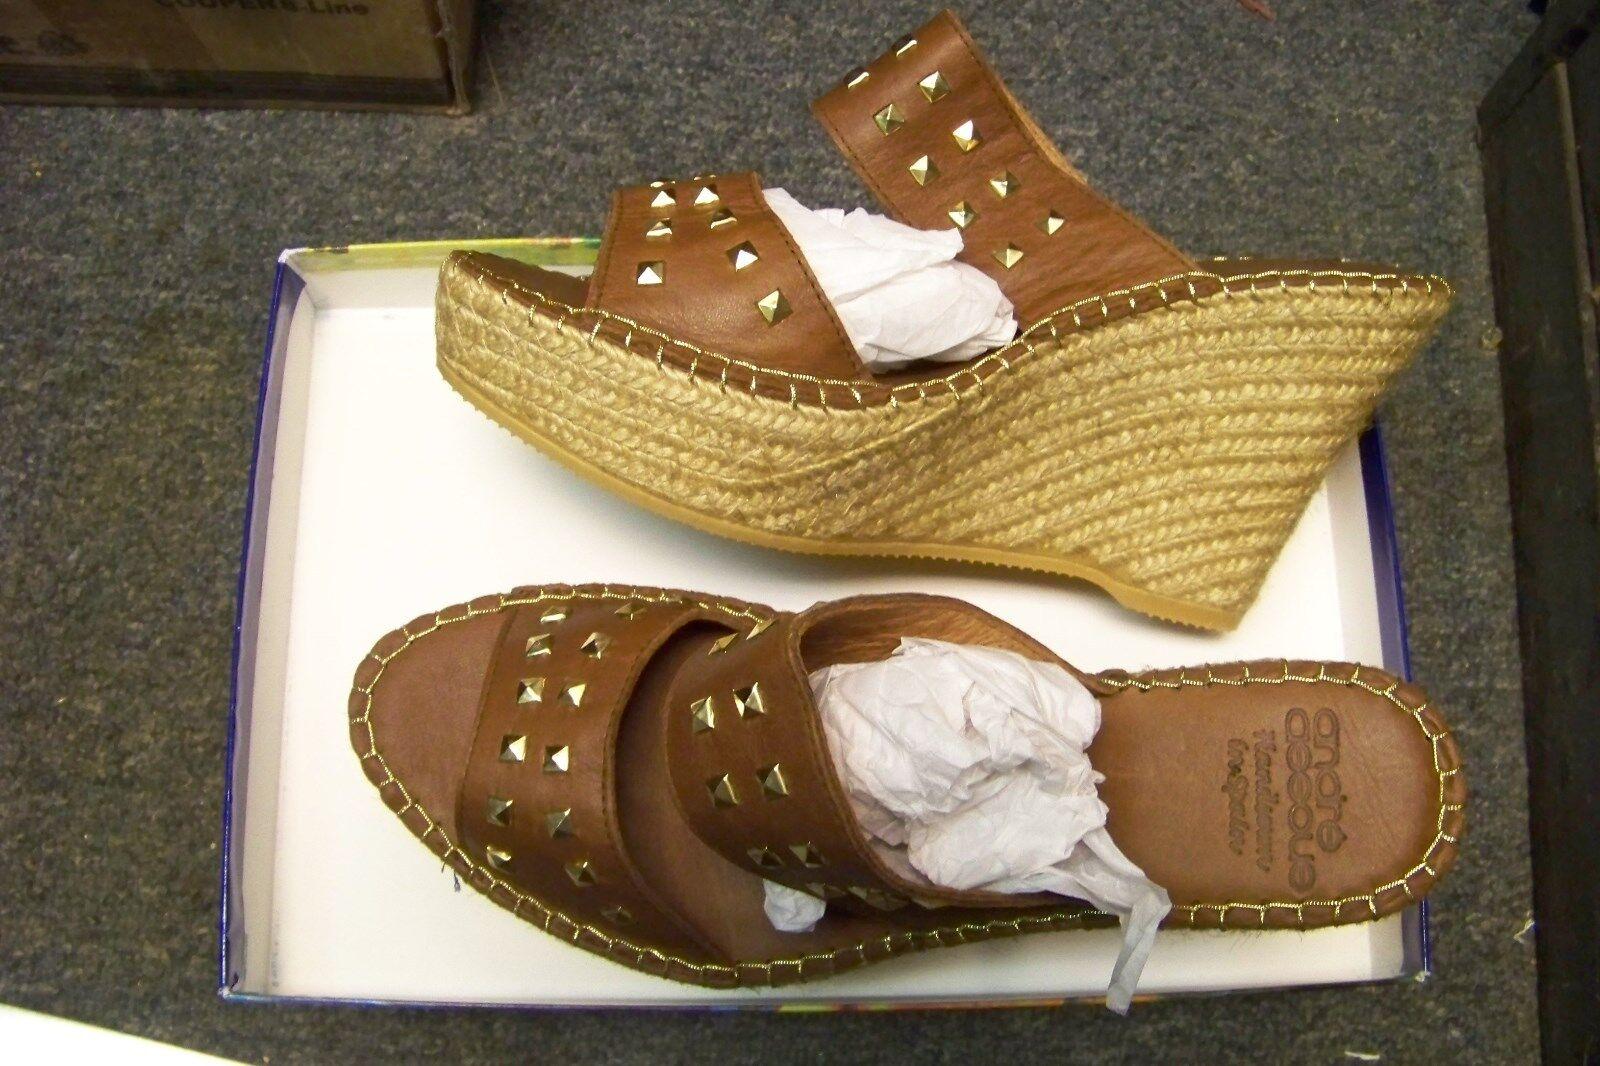 Para mujer Andre Assous Bally-una Correa de Cuero Cuero Cuero Marrón Doble Cuña Tacón Zapatos 41 11  ¡no ser extrañado!